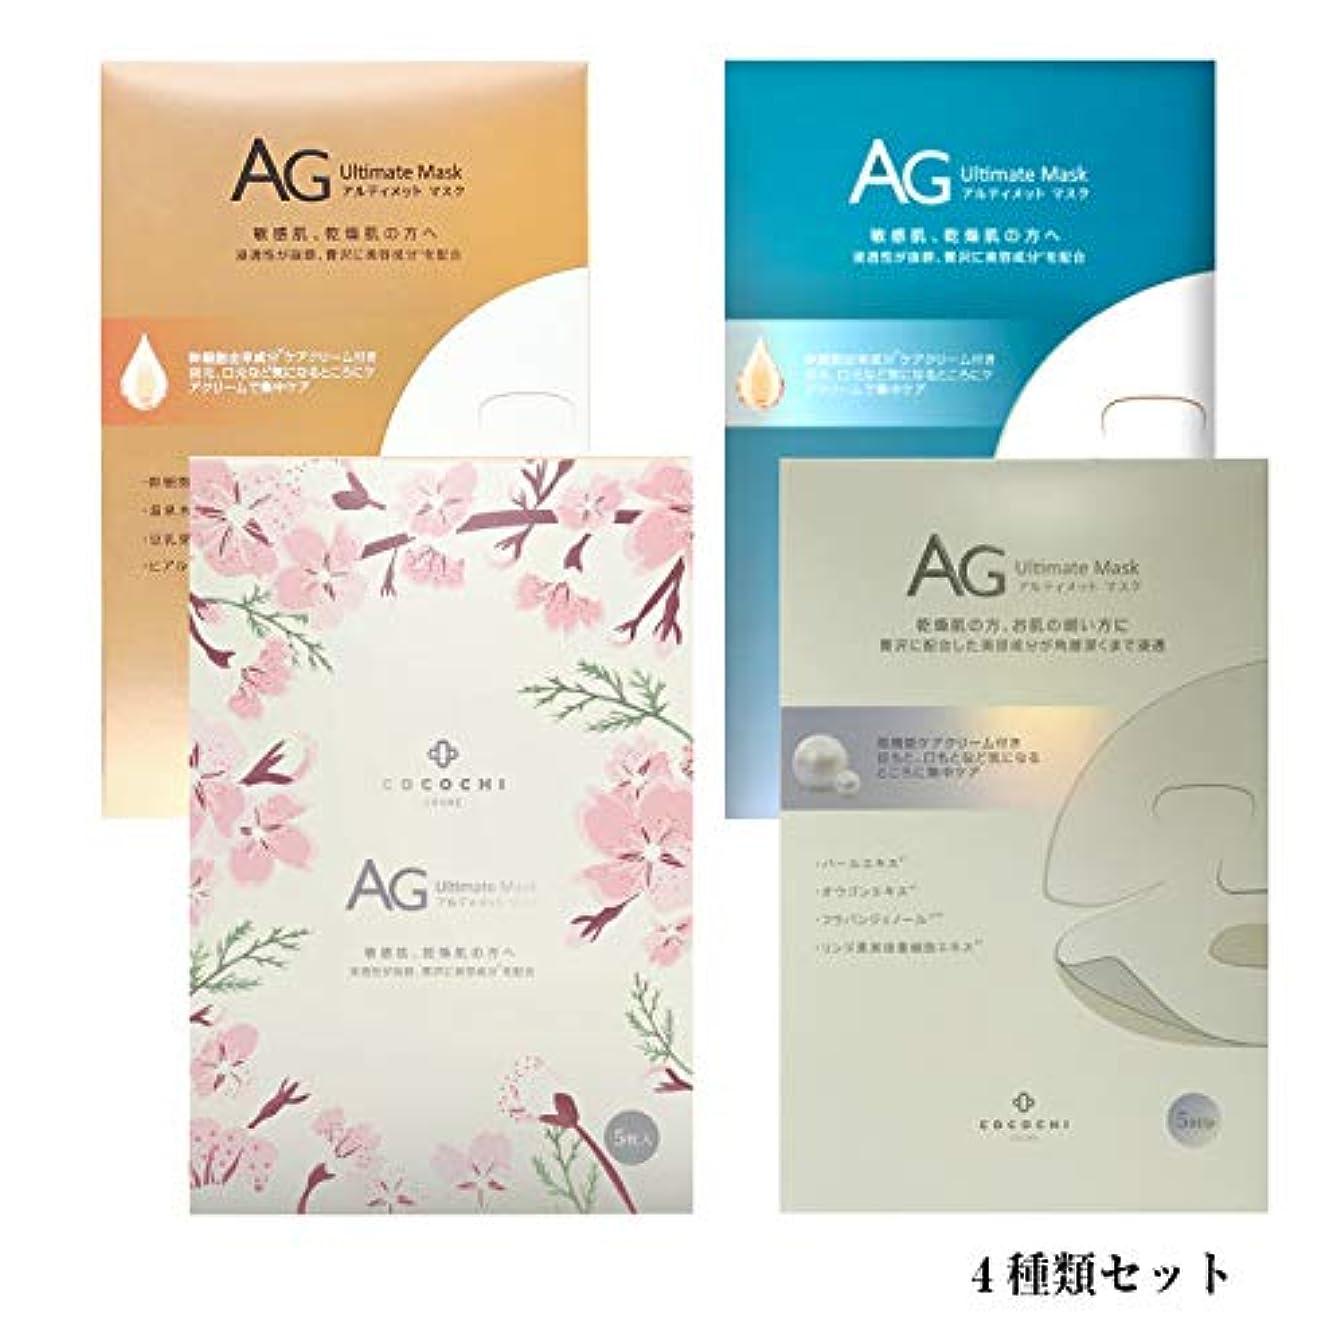 まとめる落ち着いた王族AGアルティメットマスク 4種類セット AG アルティメットマスク/オーシャンマスク/さくら/アコヤ真珠マスク